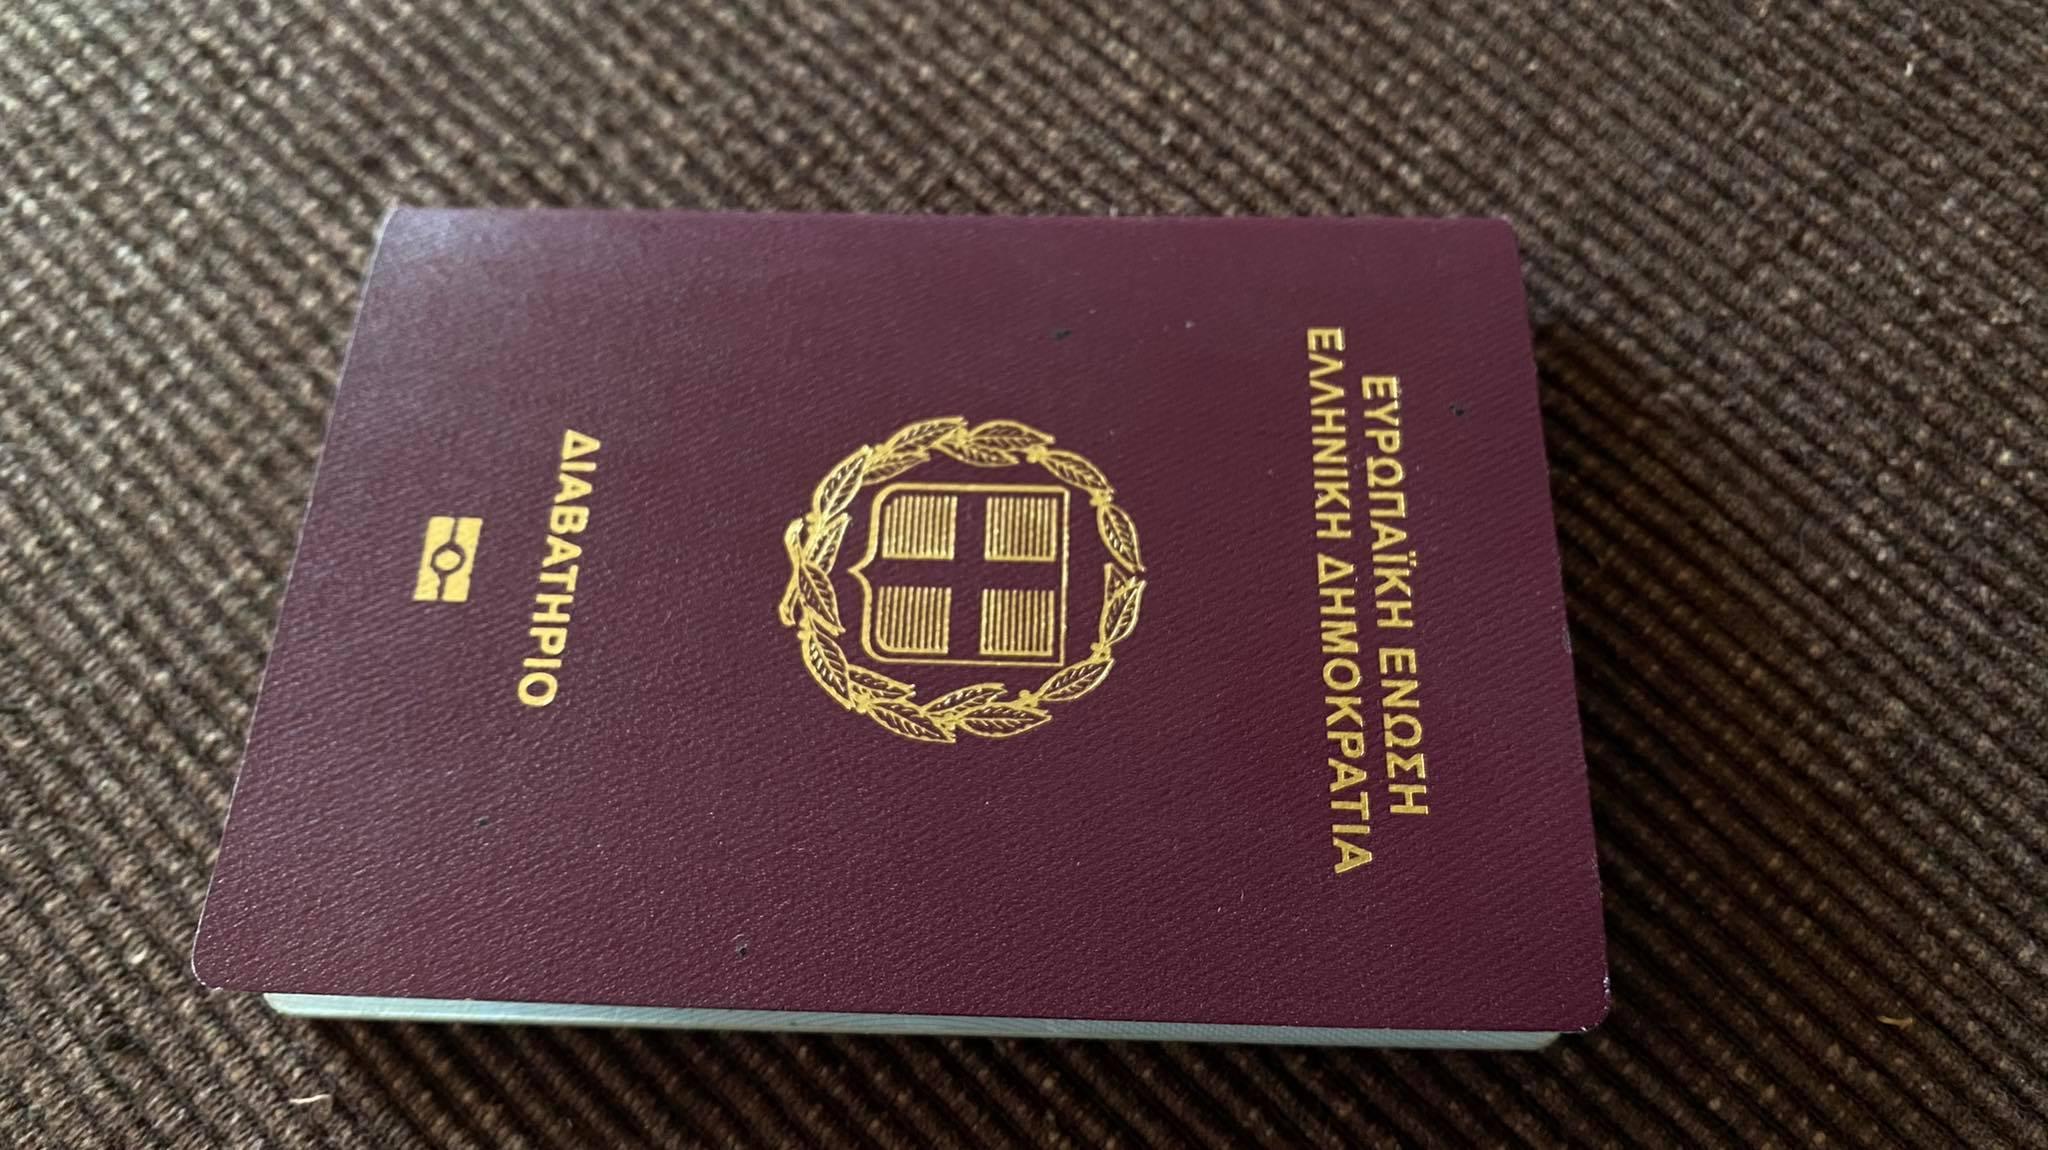 Γιώργος Γεωργαντάς-ψηφιακά διαβατήρια-ανανέωση-διαδικασία